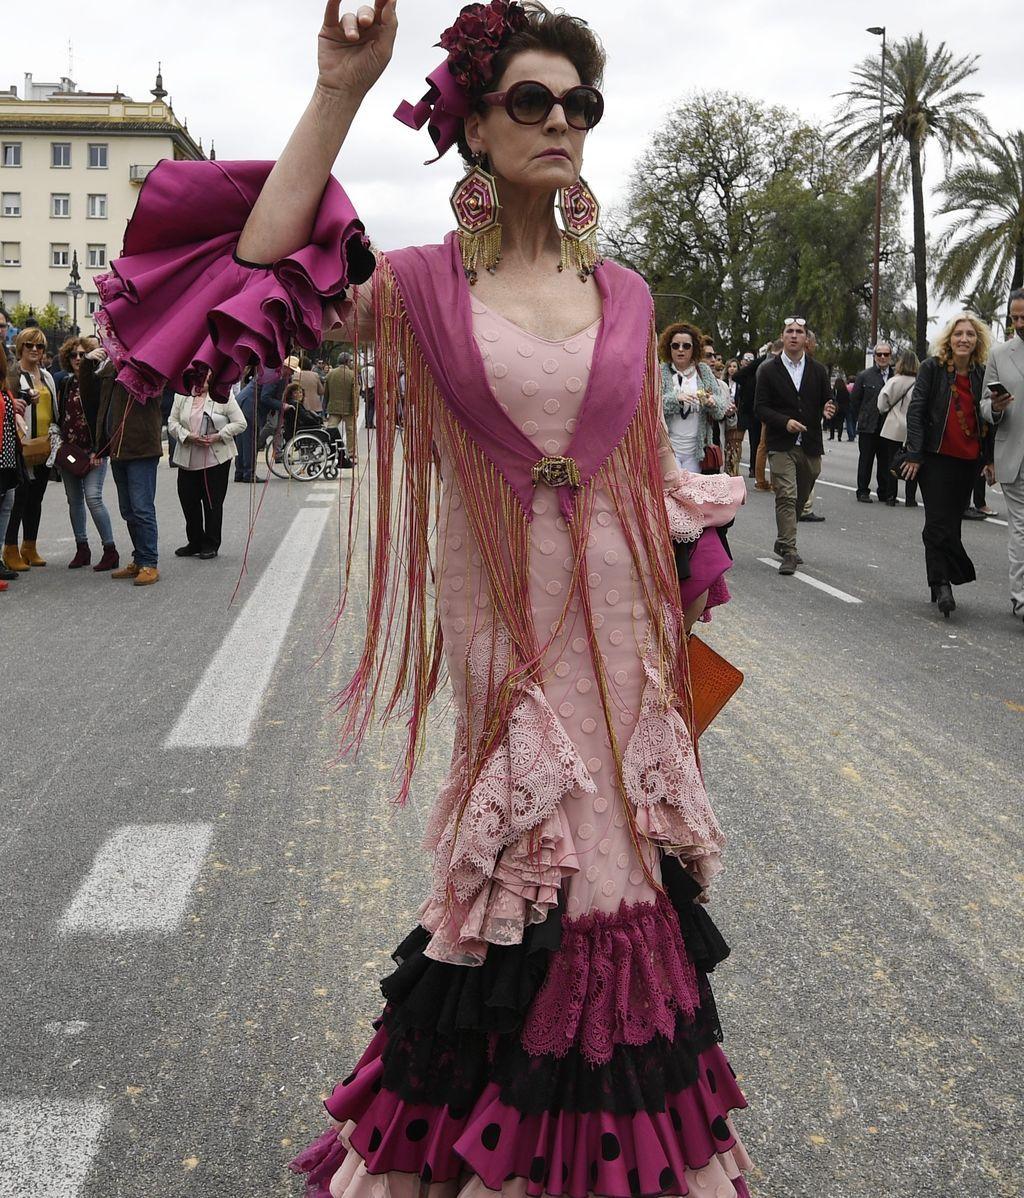 Antonia Dell'Atte también pasó el fin de semana en Sevilla